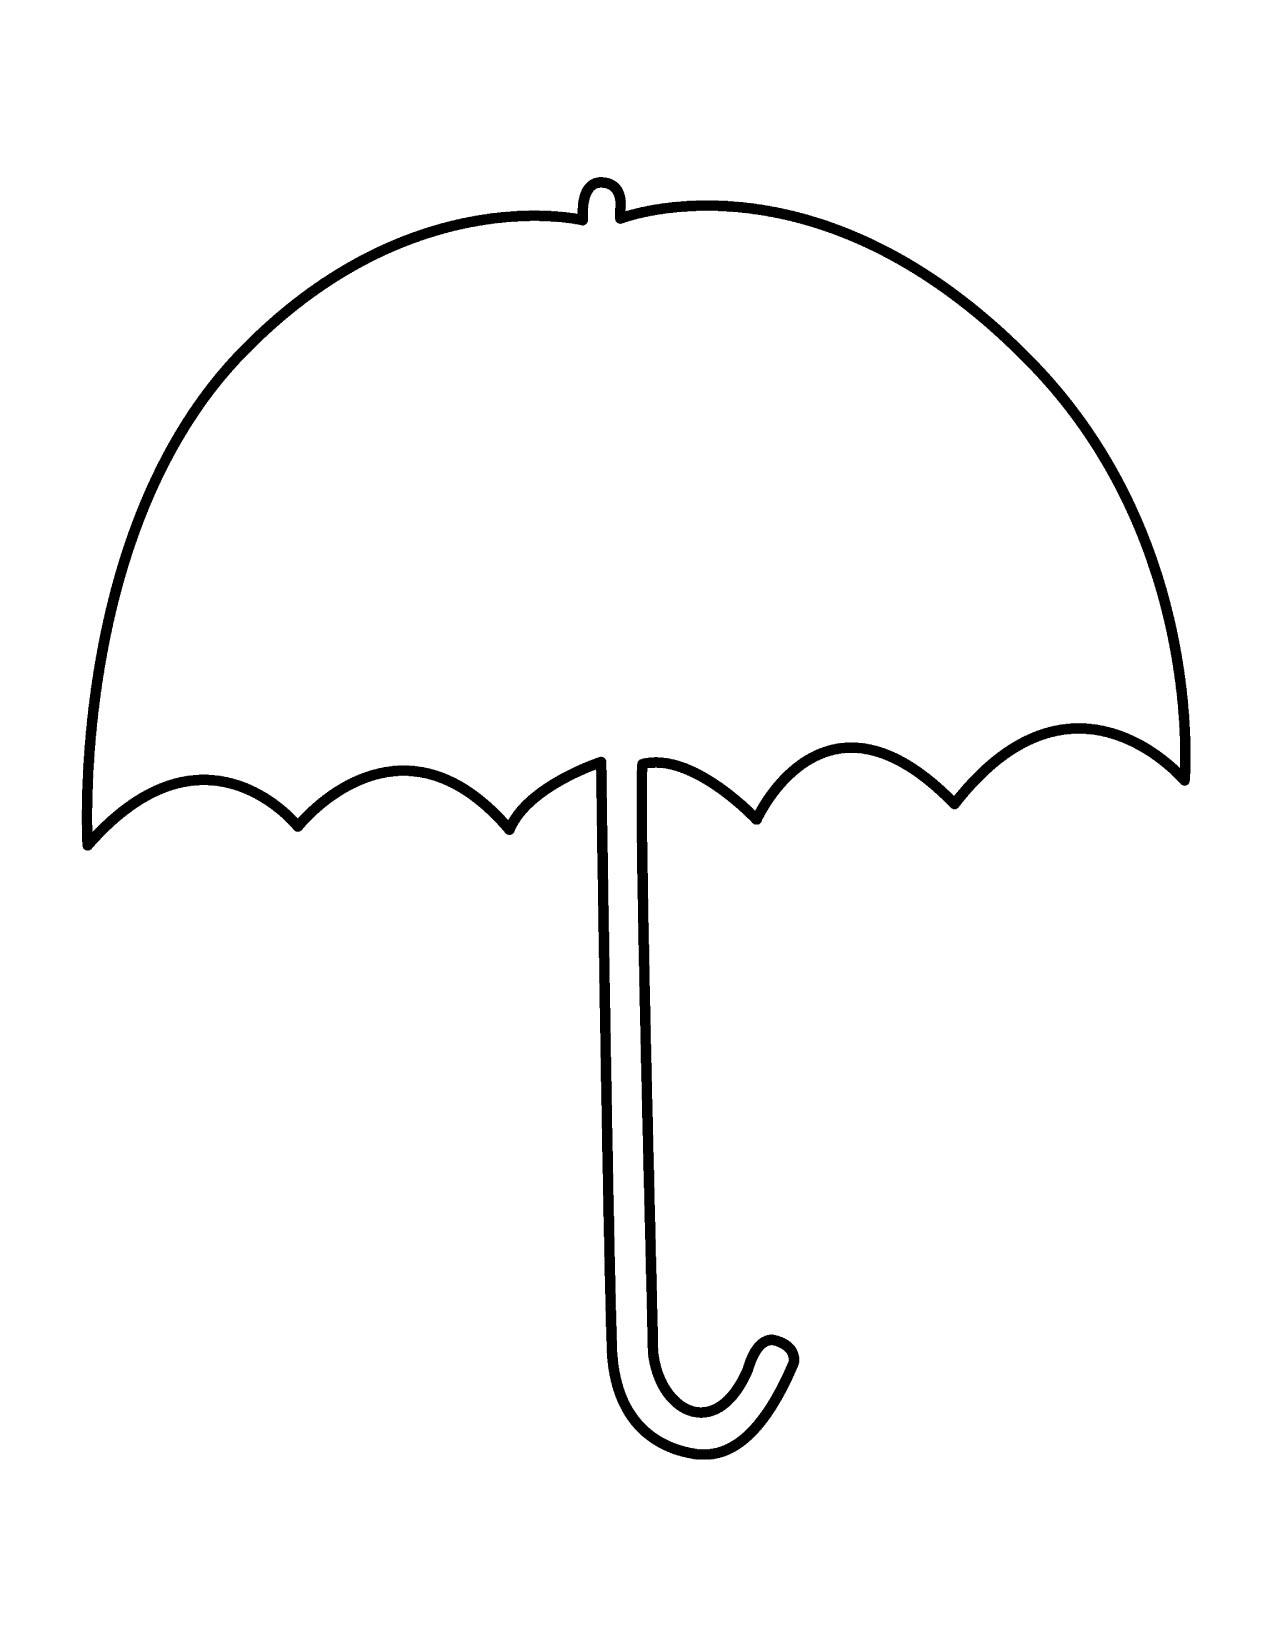 Umbrella Clipart Black And White